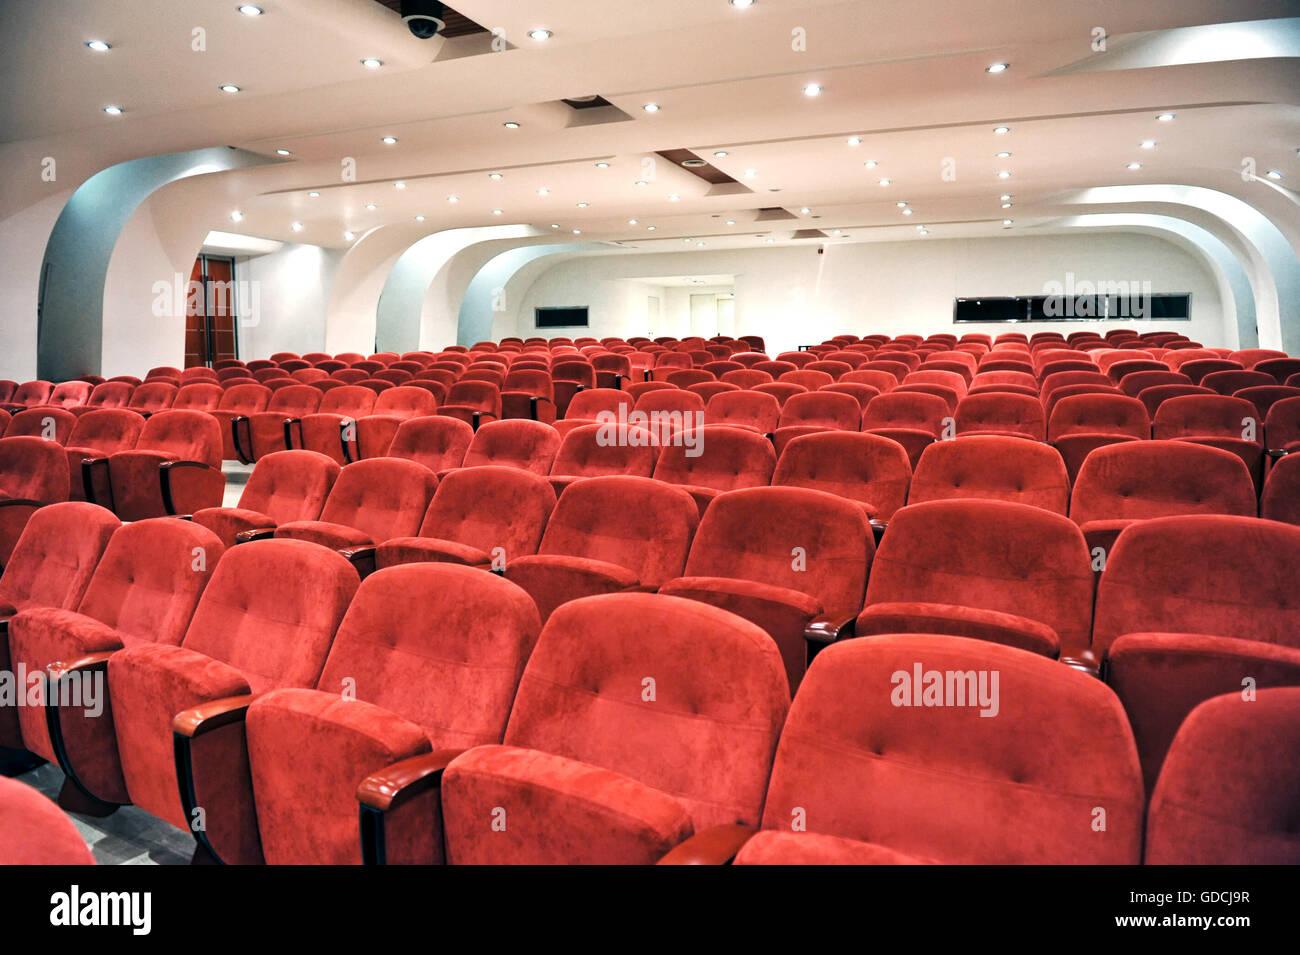 Filas de asientos rojos vacíos para los espectadores en un auditorio, cine o lugar de entretenimiento, vistos Imagen De Stock